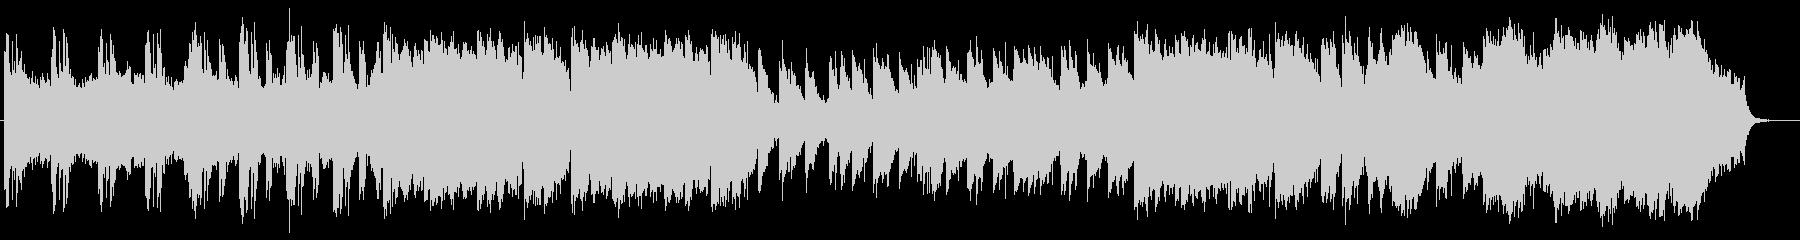 繊細さと壮大さを兼ね備えたBGMサウンドの未再生の波形